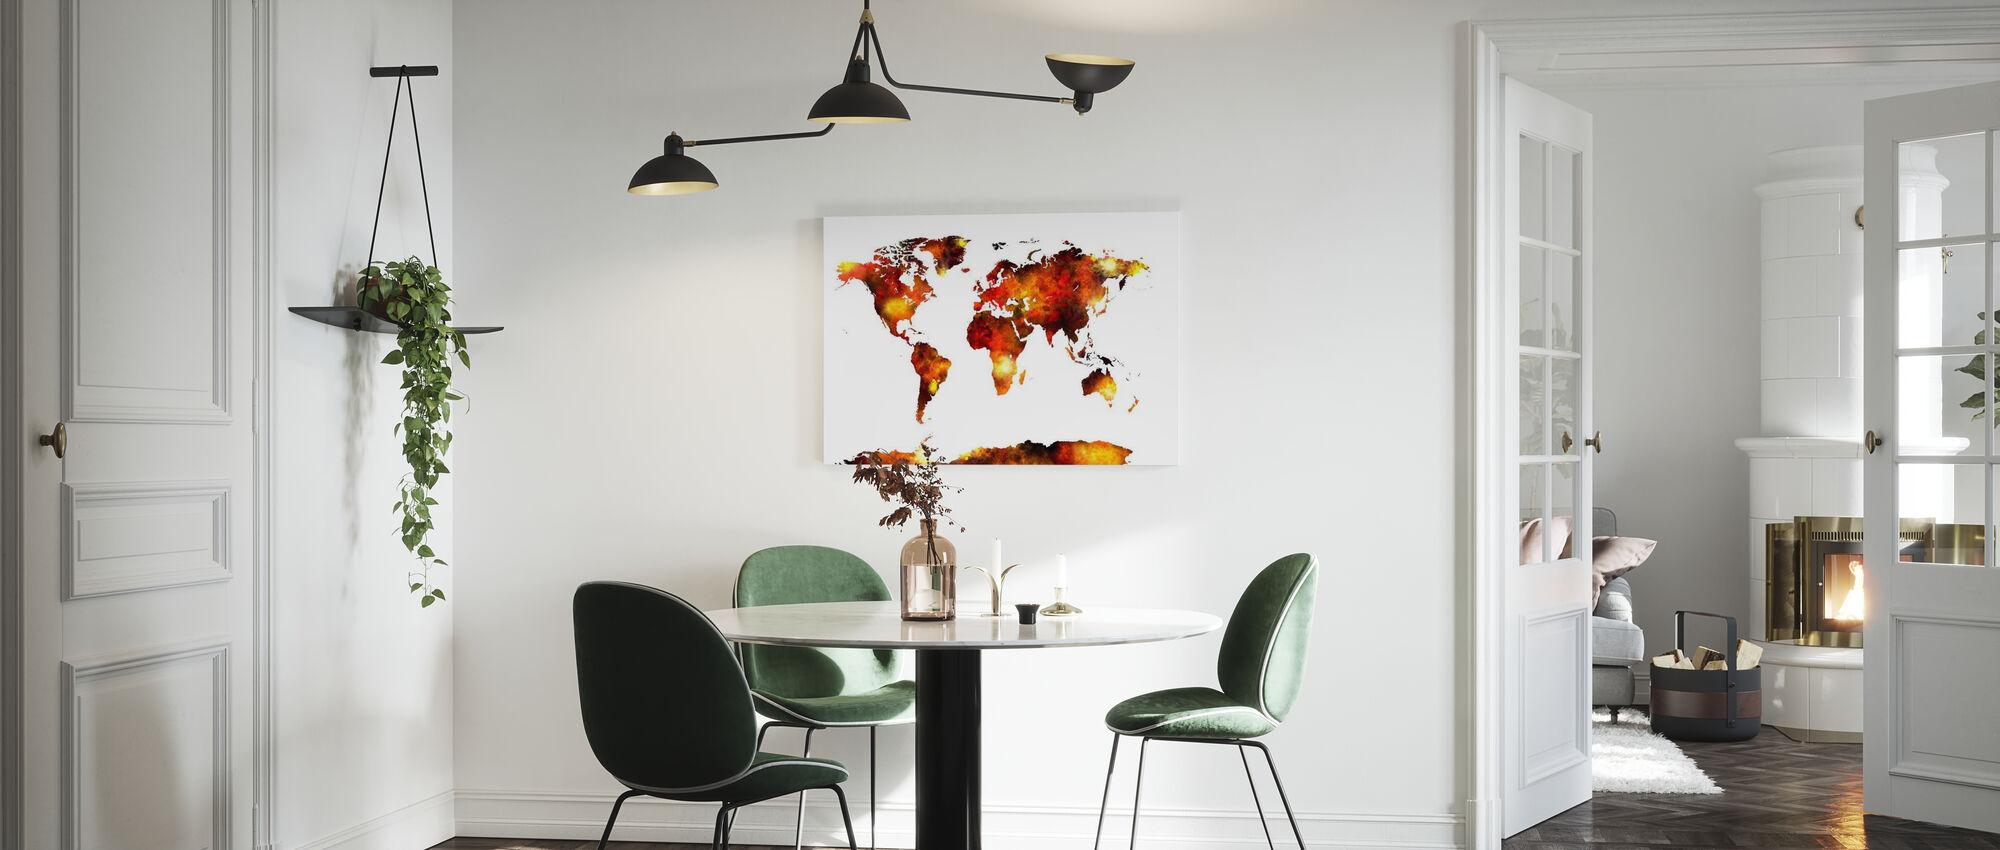 Aquarell Weltkarte Orange - Leinwandbild - Küchen